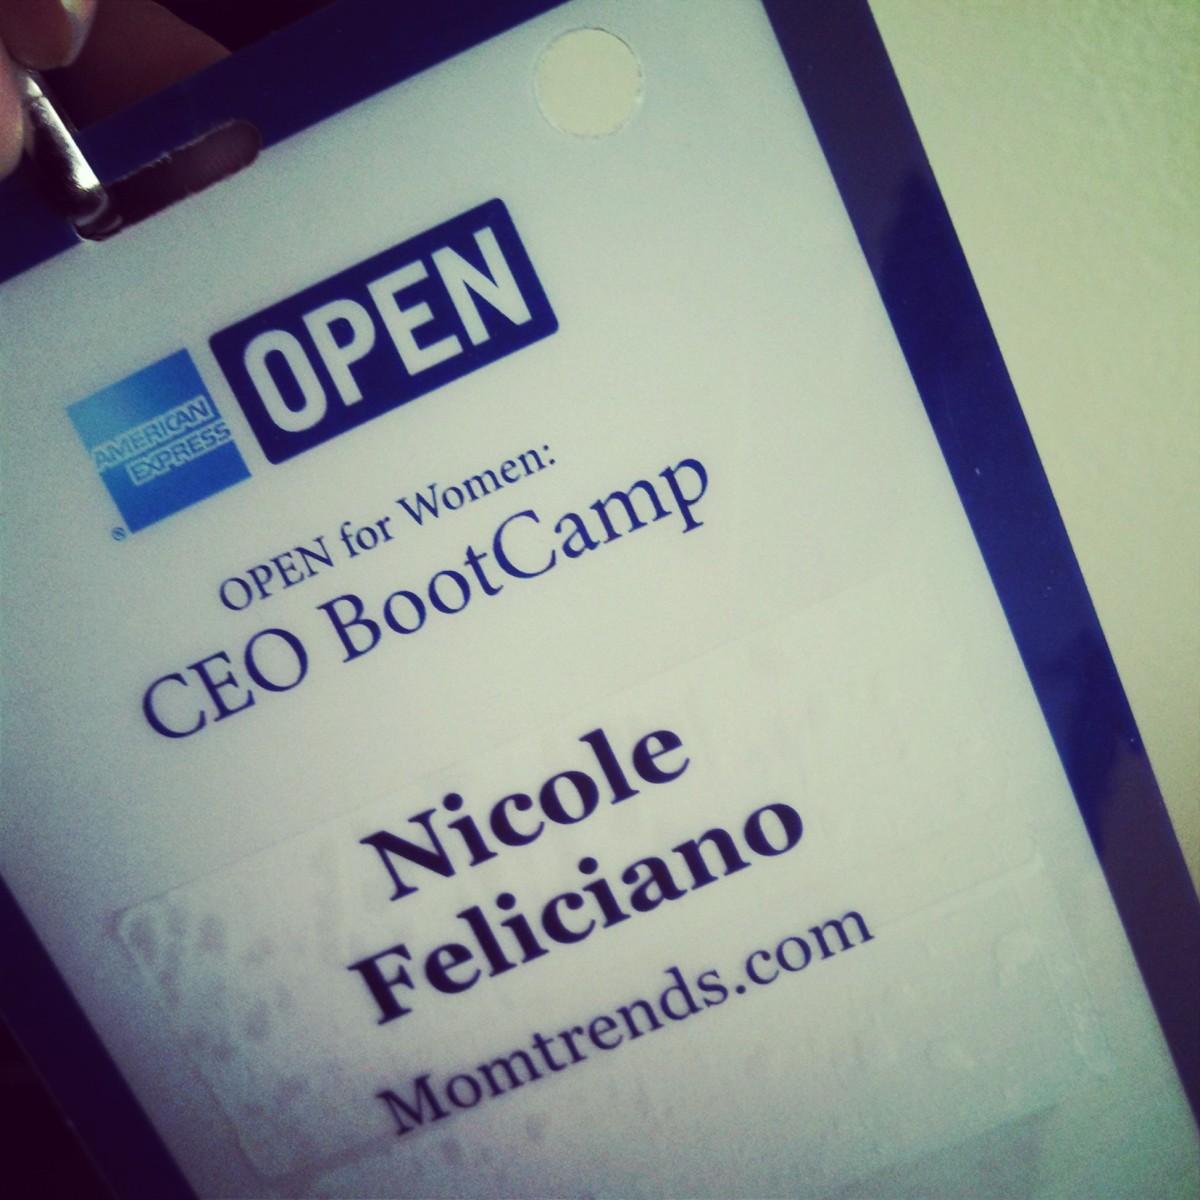 #CEObootcamp